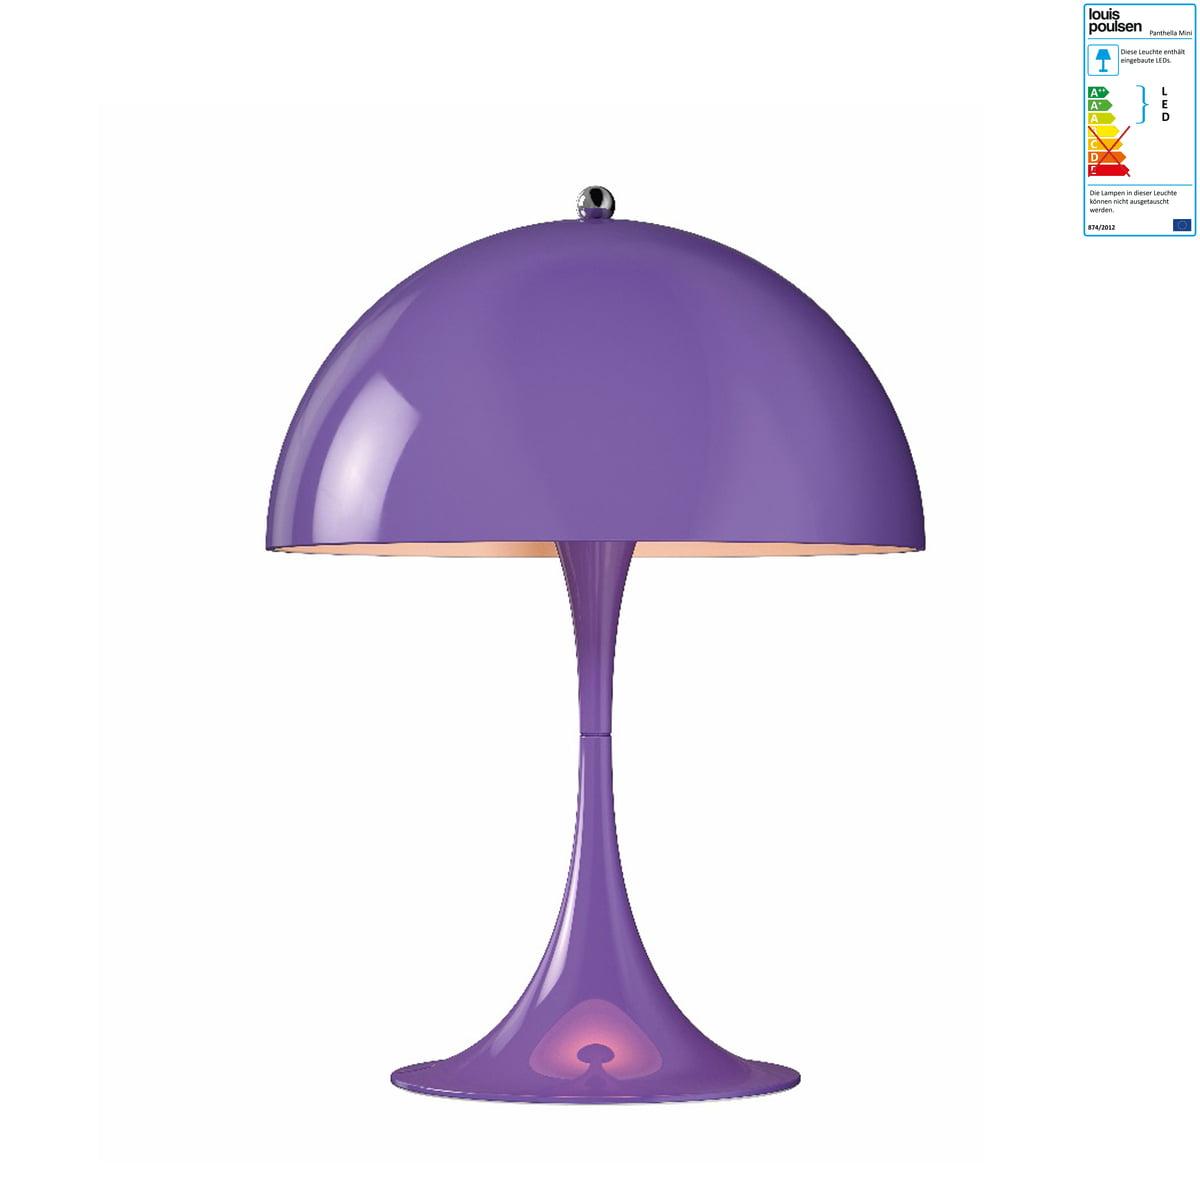 Louis Poulsen - Panthella Mini Tischleuchte, Ø 250, violet | Lampen > Tischleuchten | Lila | Schirm: stahl pulverlackiert | Louis Poulsen